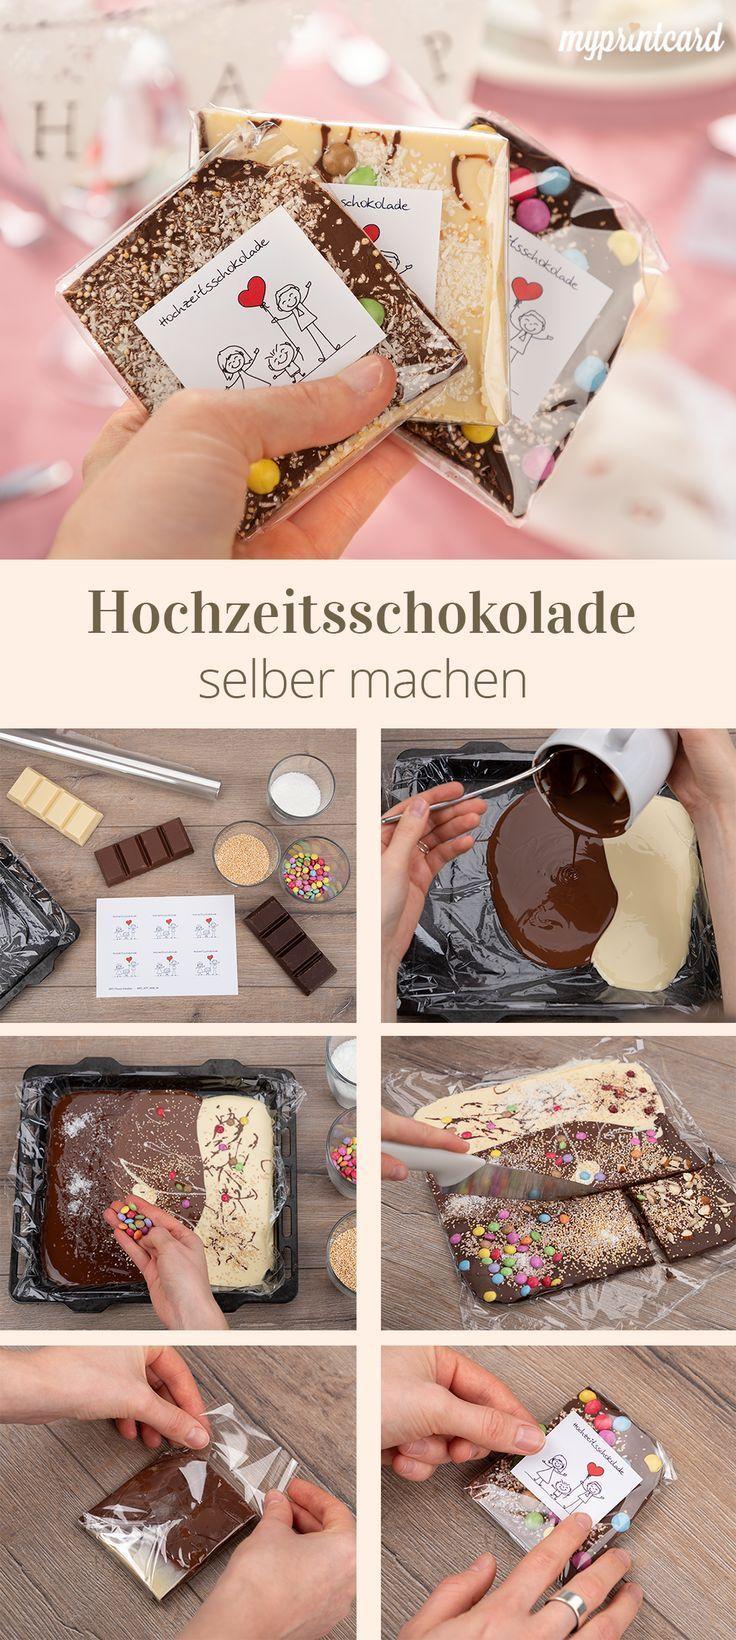 Hochzeits-Schokolade als süßes Gastgeschenk zum Selbermachen